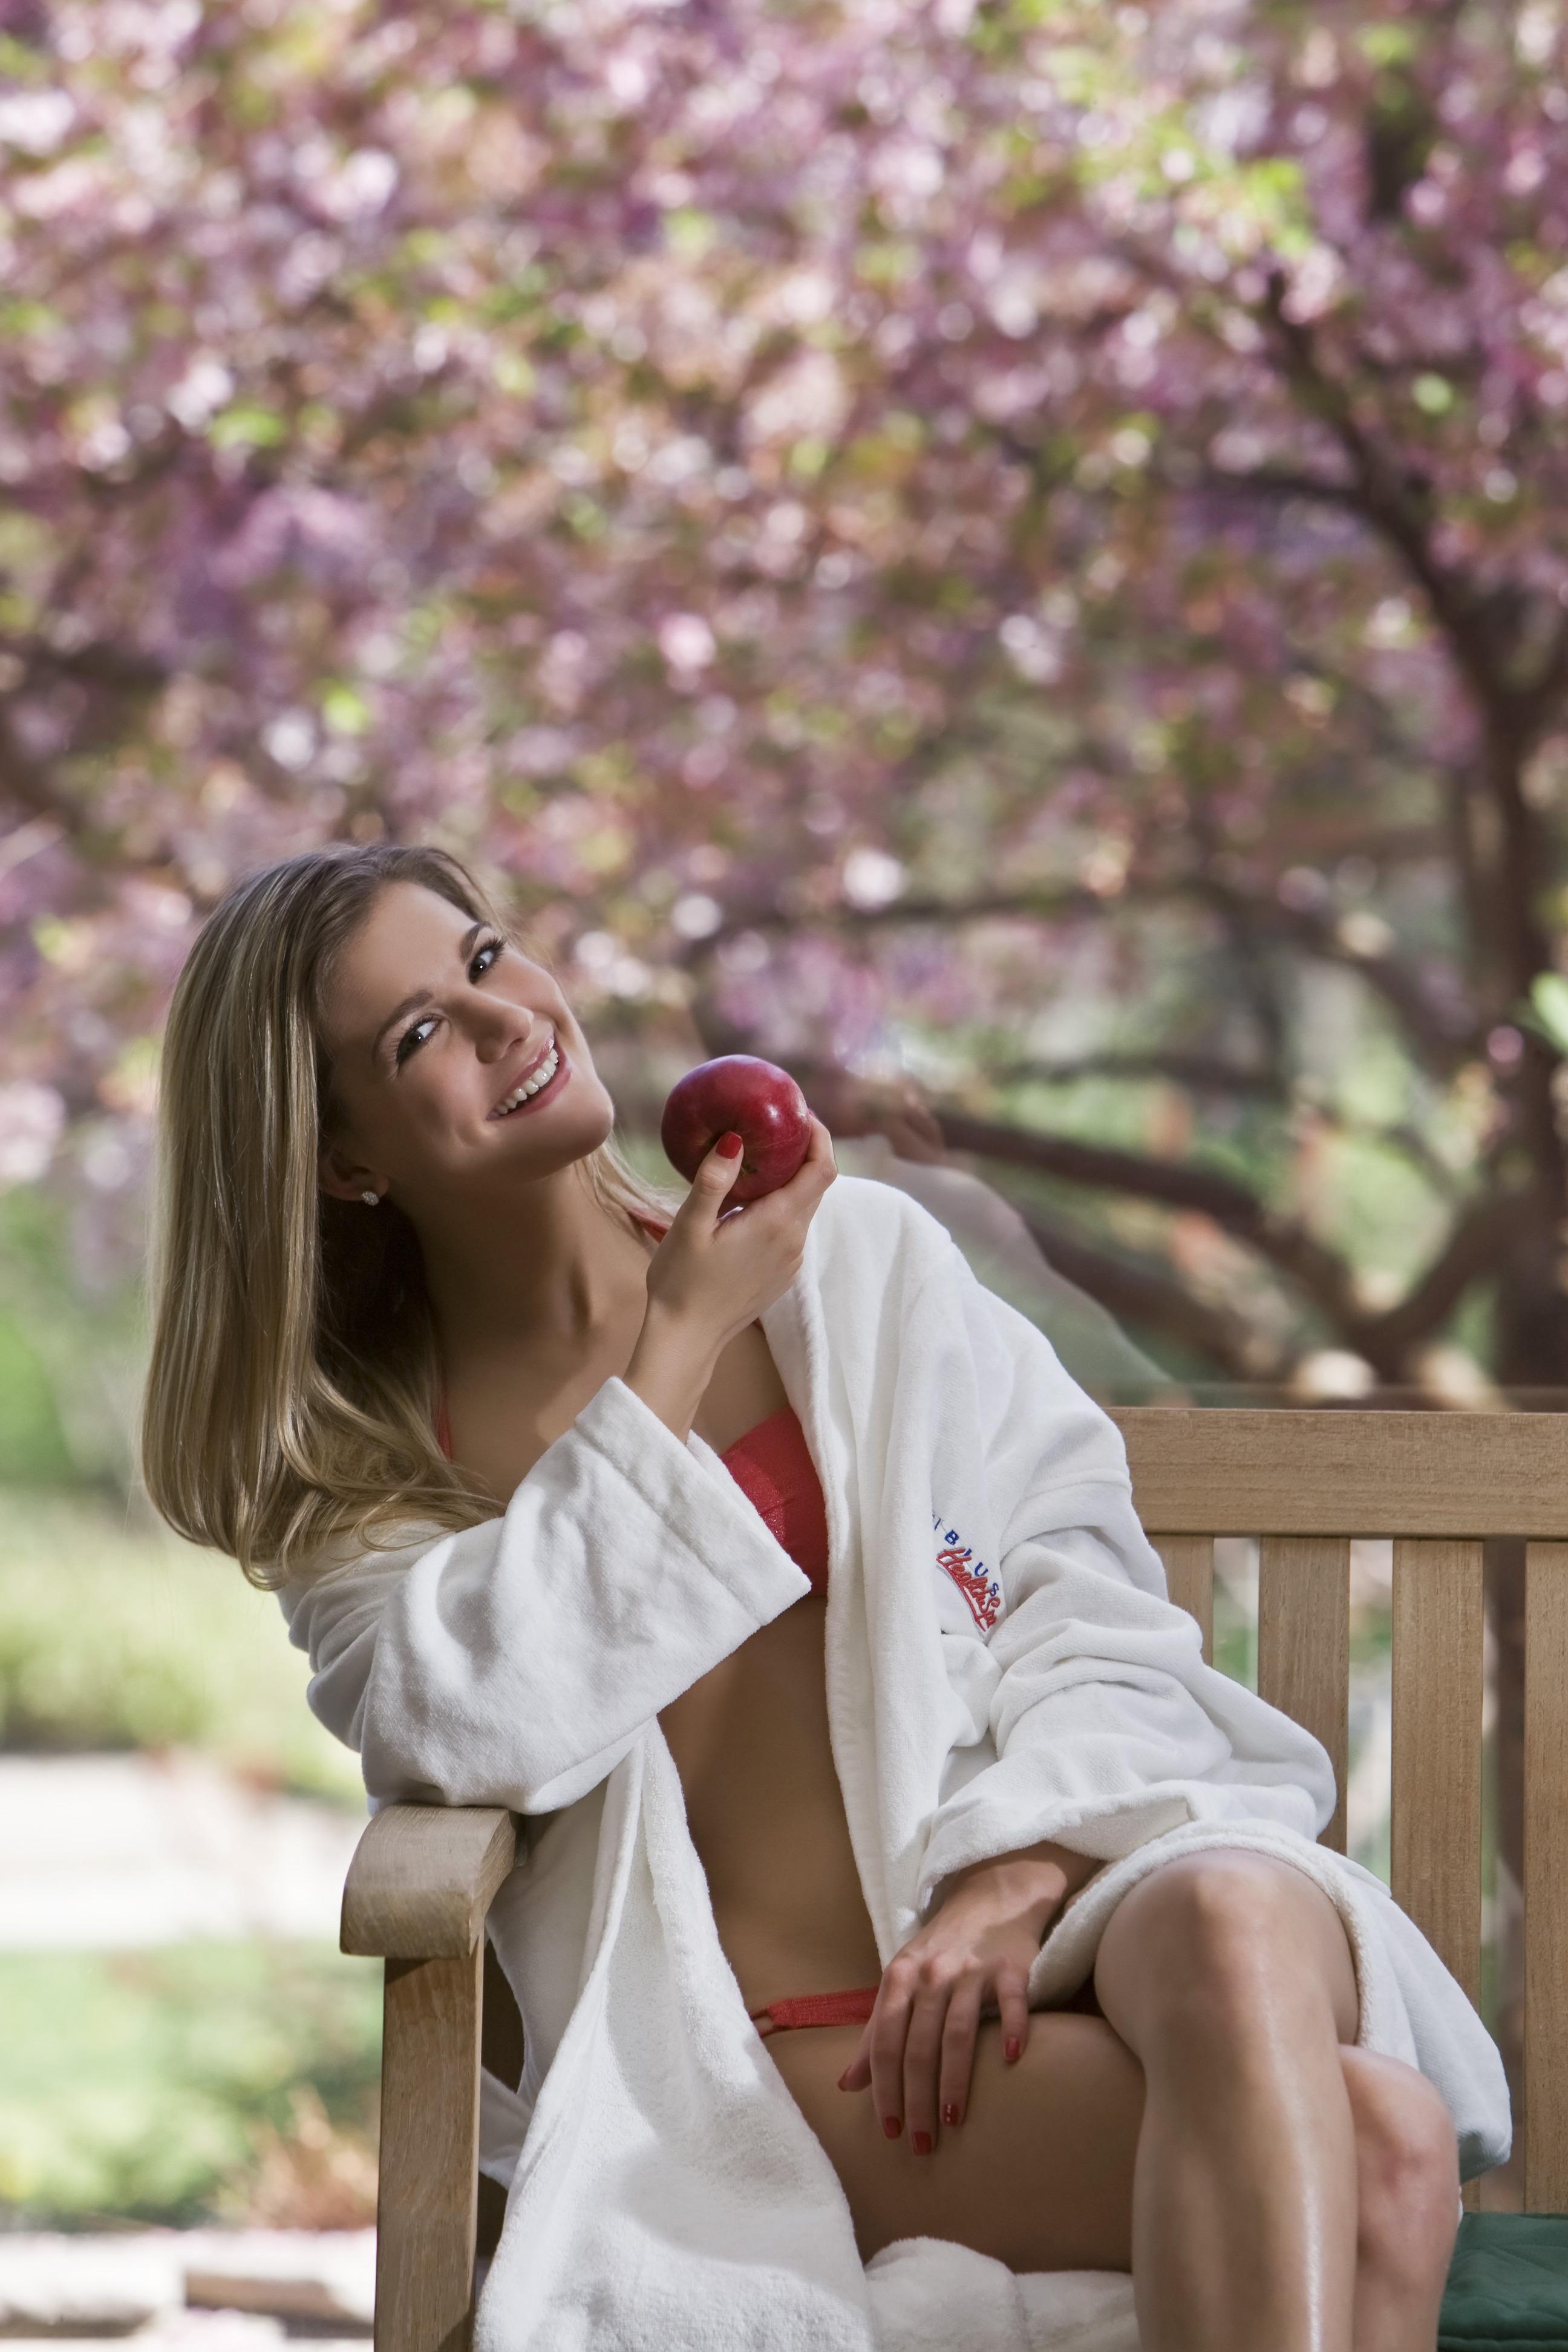 Virágos fa alatt almát eszik a nő